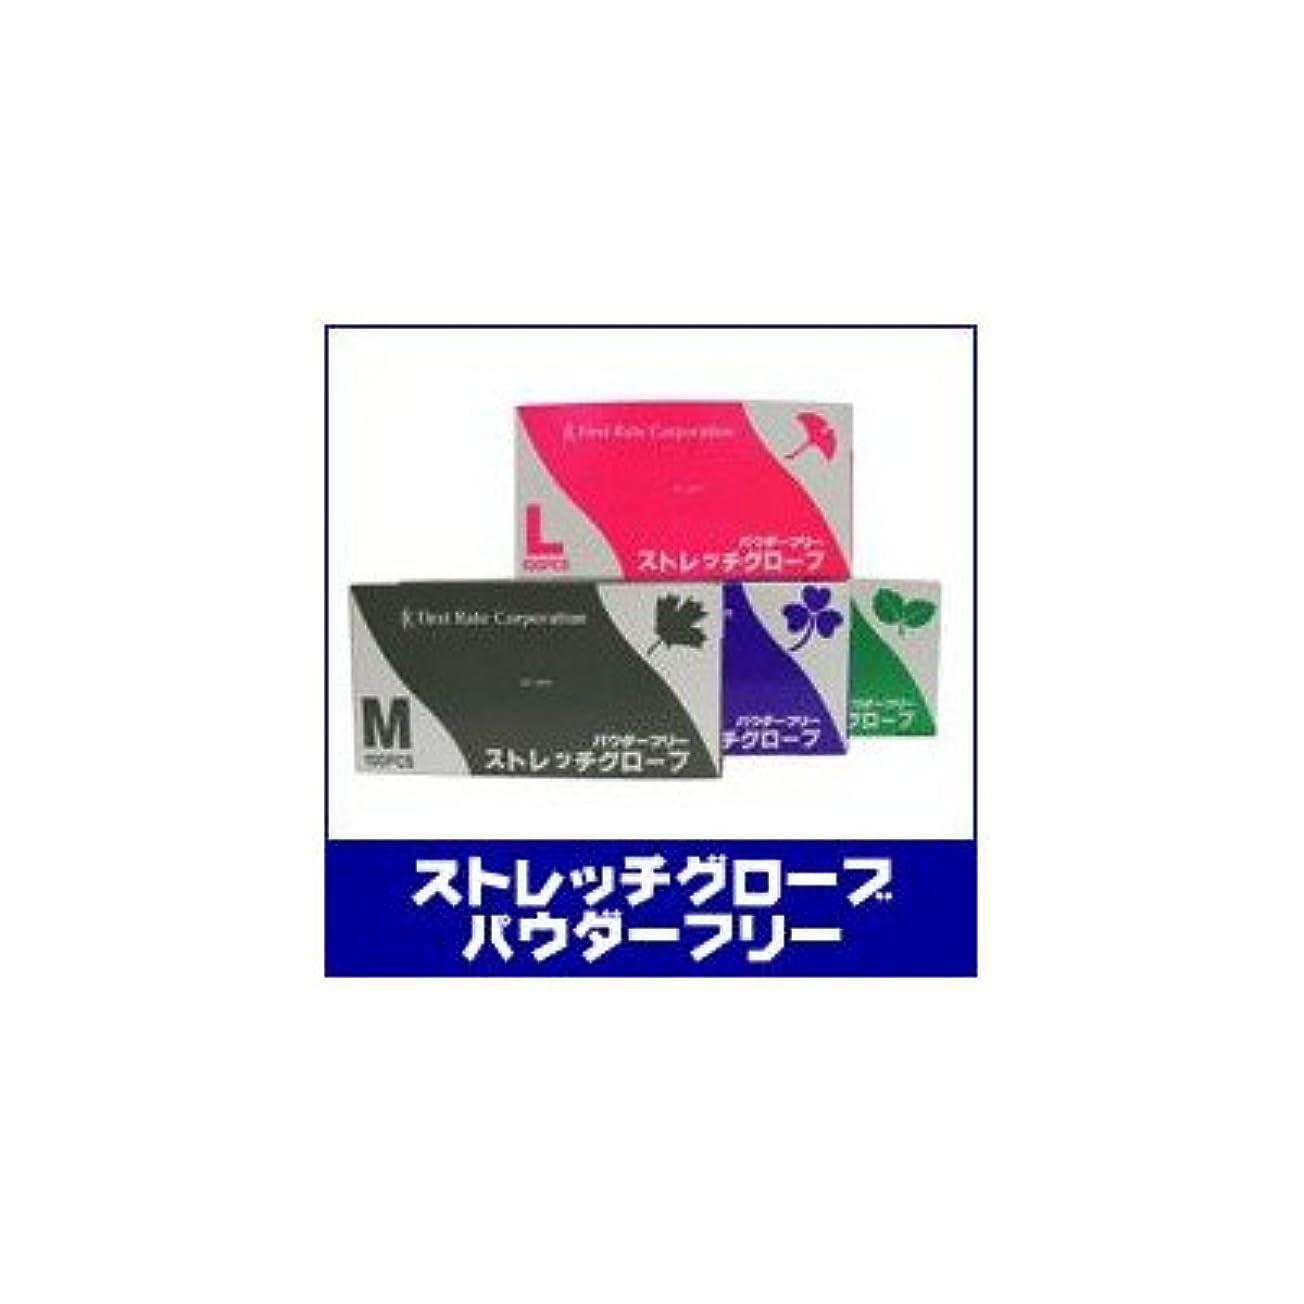 誇り絡み合いコンピューターストレッチグローブ(パウダー無)10箱-ケース SSサイズ